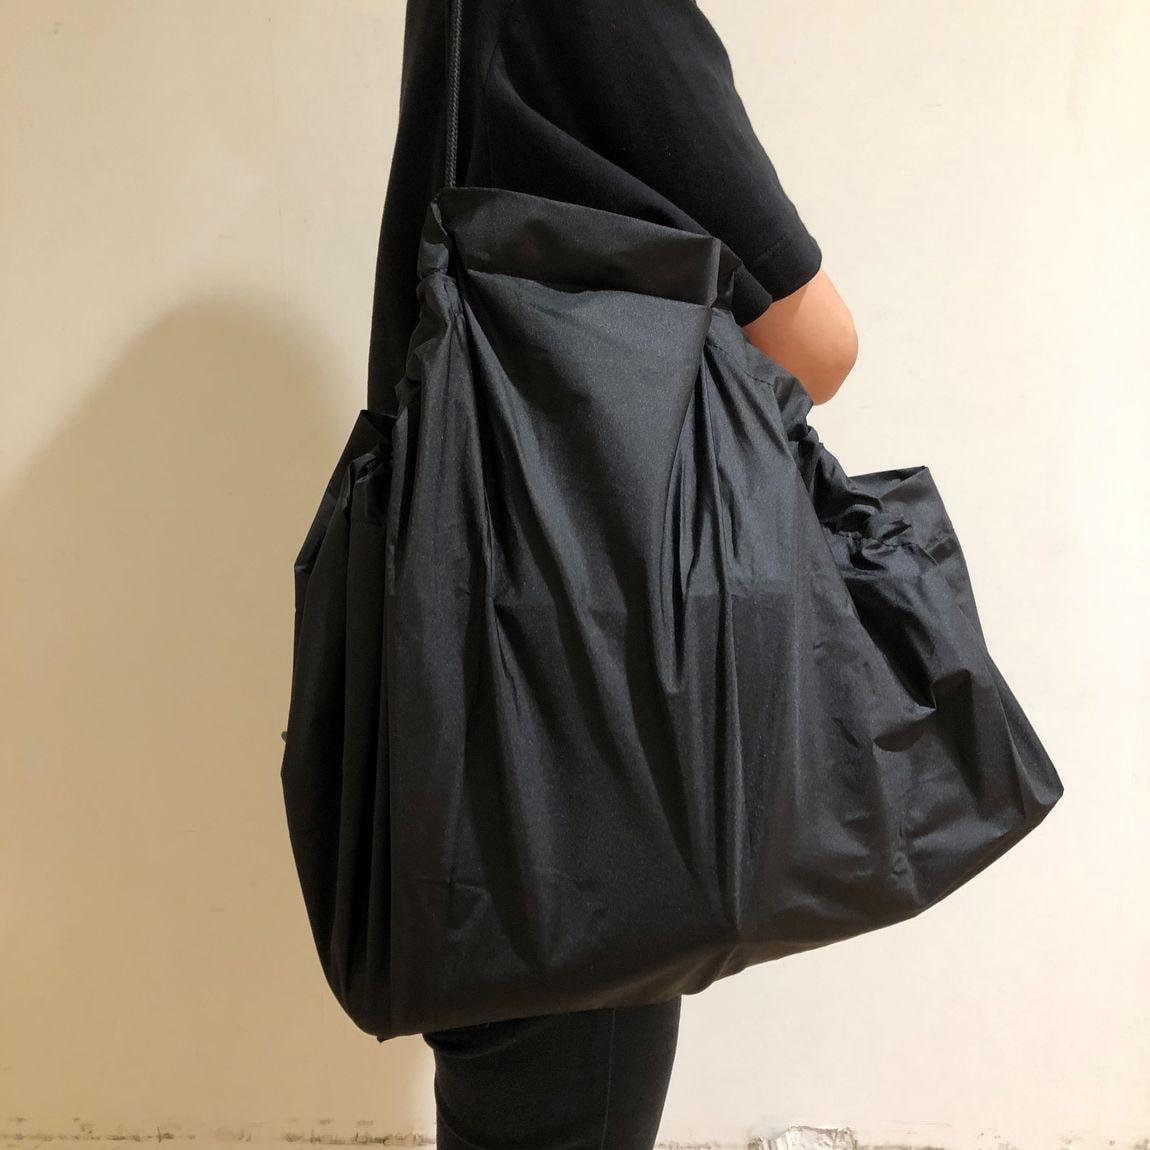 【セレオ八王子】絞るだけで包めるポケッタブルバッグ